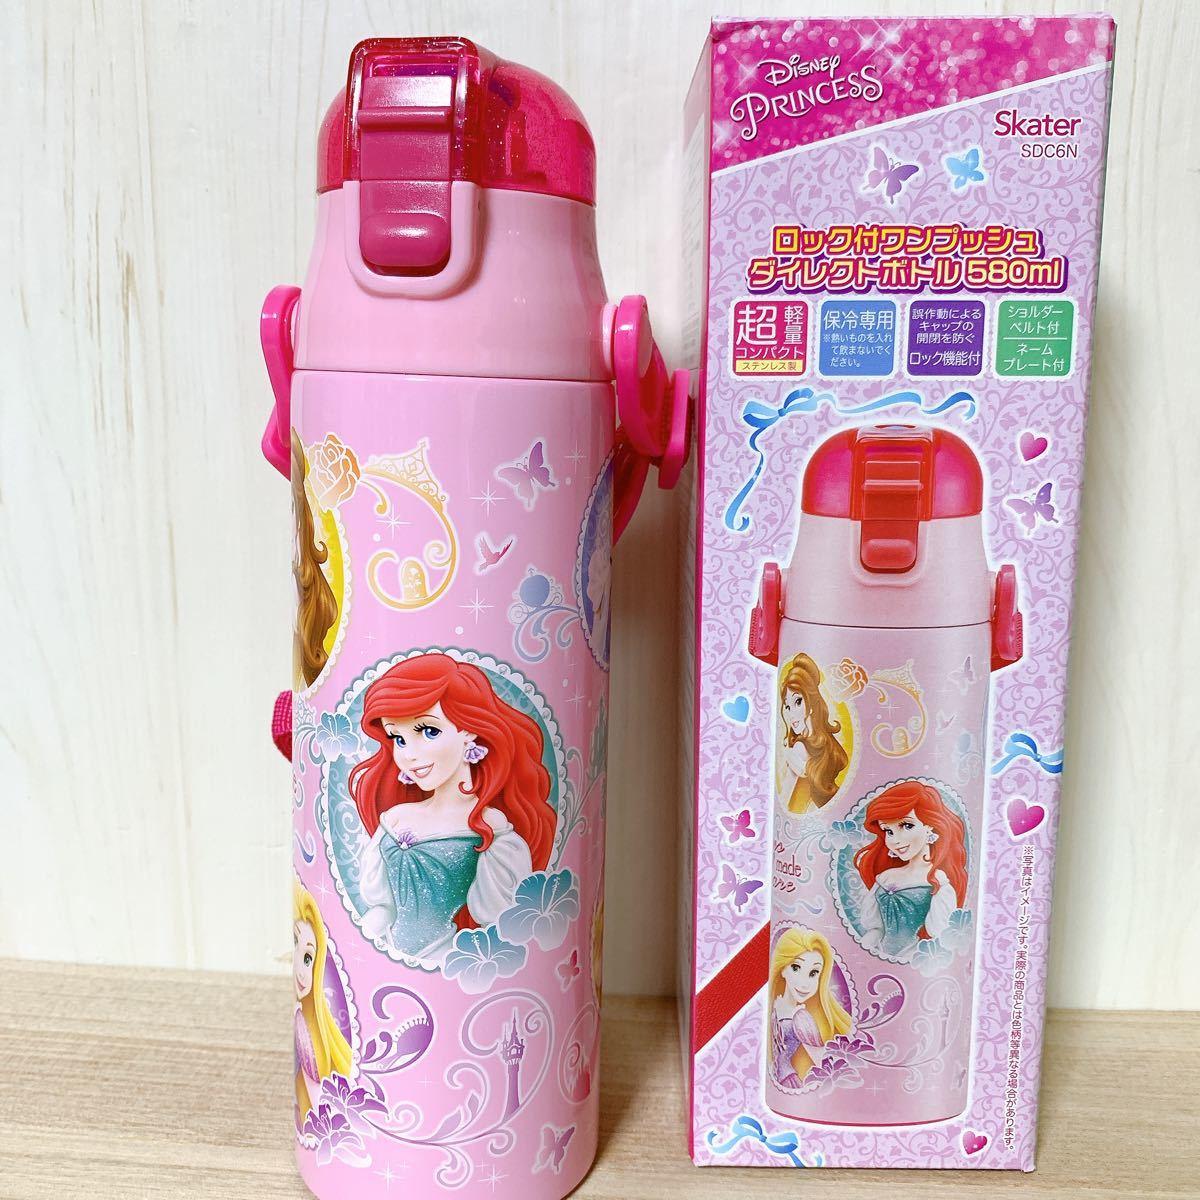 プリンセス☆超軽量 580ml  ダイレクトステンレスボトル